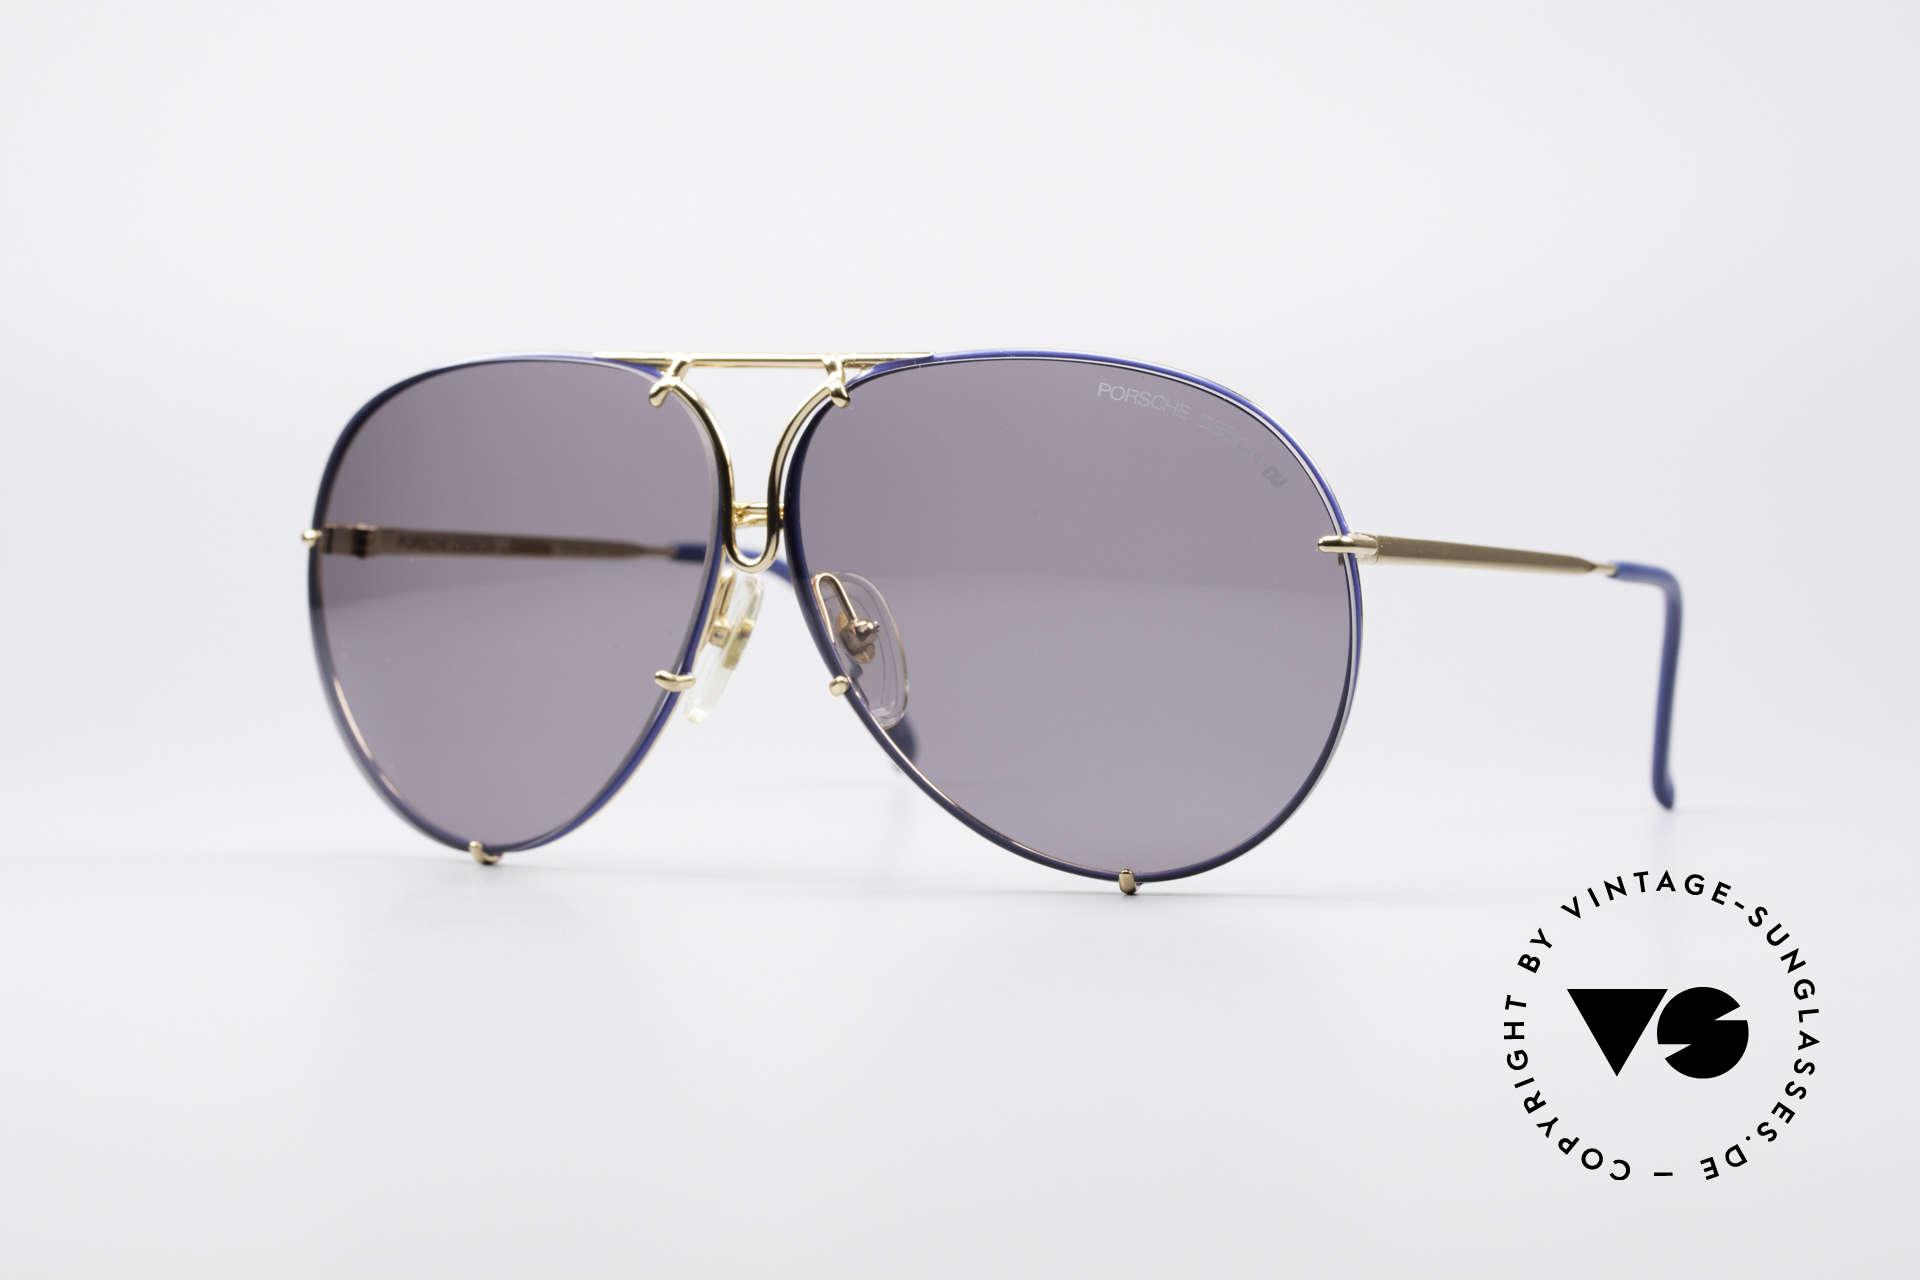 Porsche 5623 Tricolor Special Edition Brille, Größe: medium, Passend für Herren und Damen